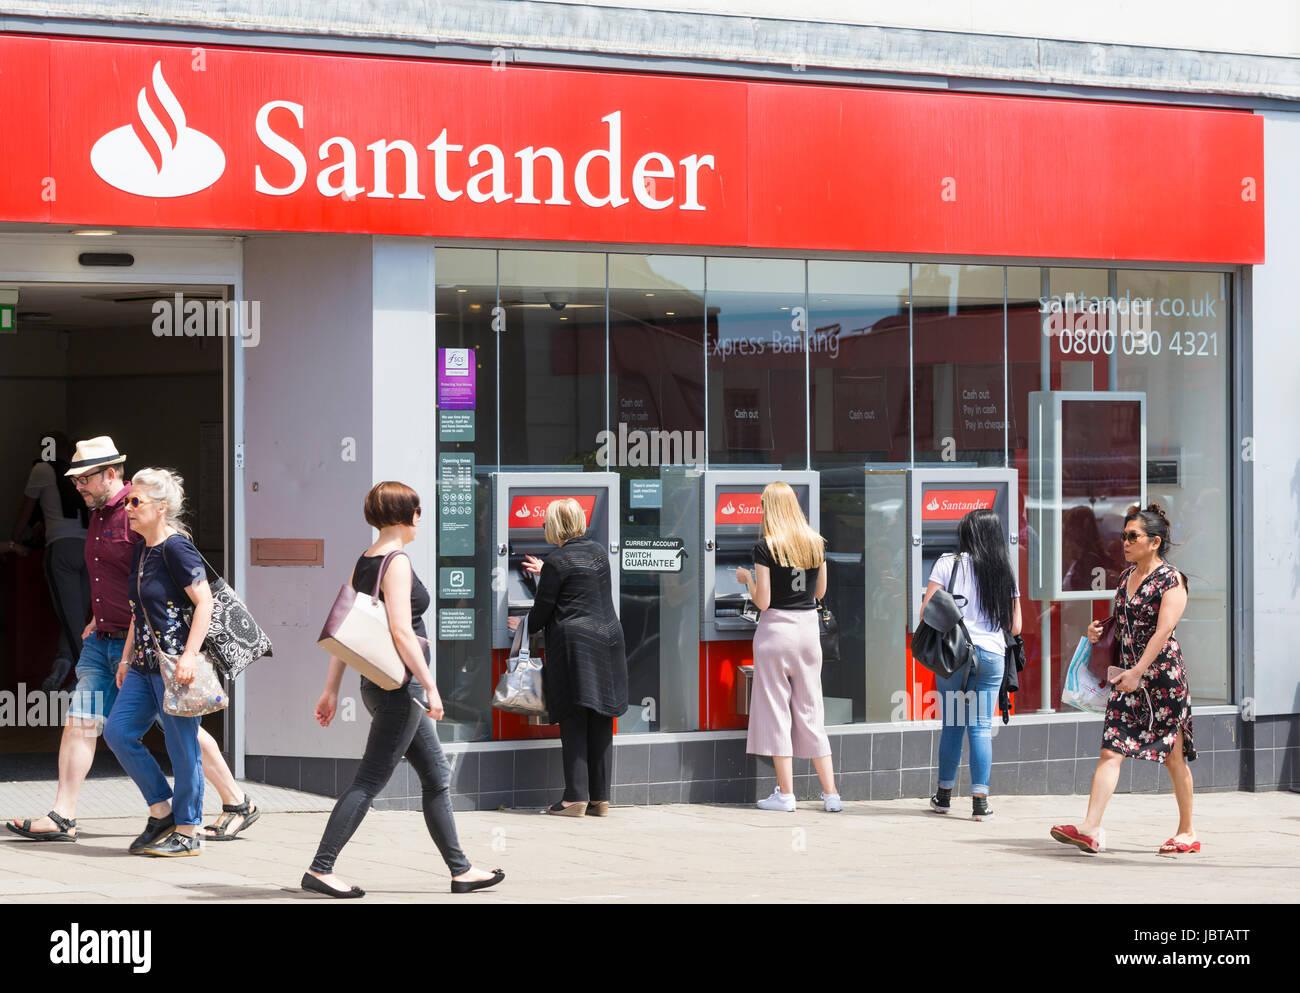 Banco Santander en el Reino Unido High street con personas usando los cajeros automáticos. Imagen De Stock